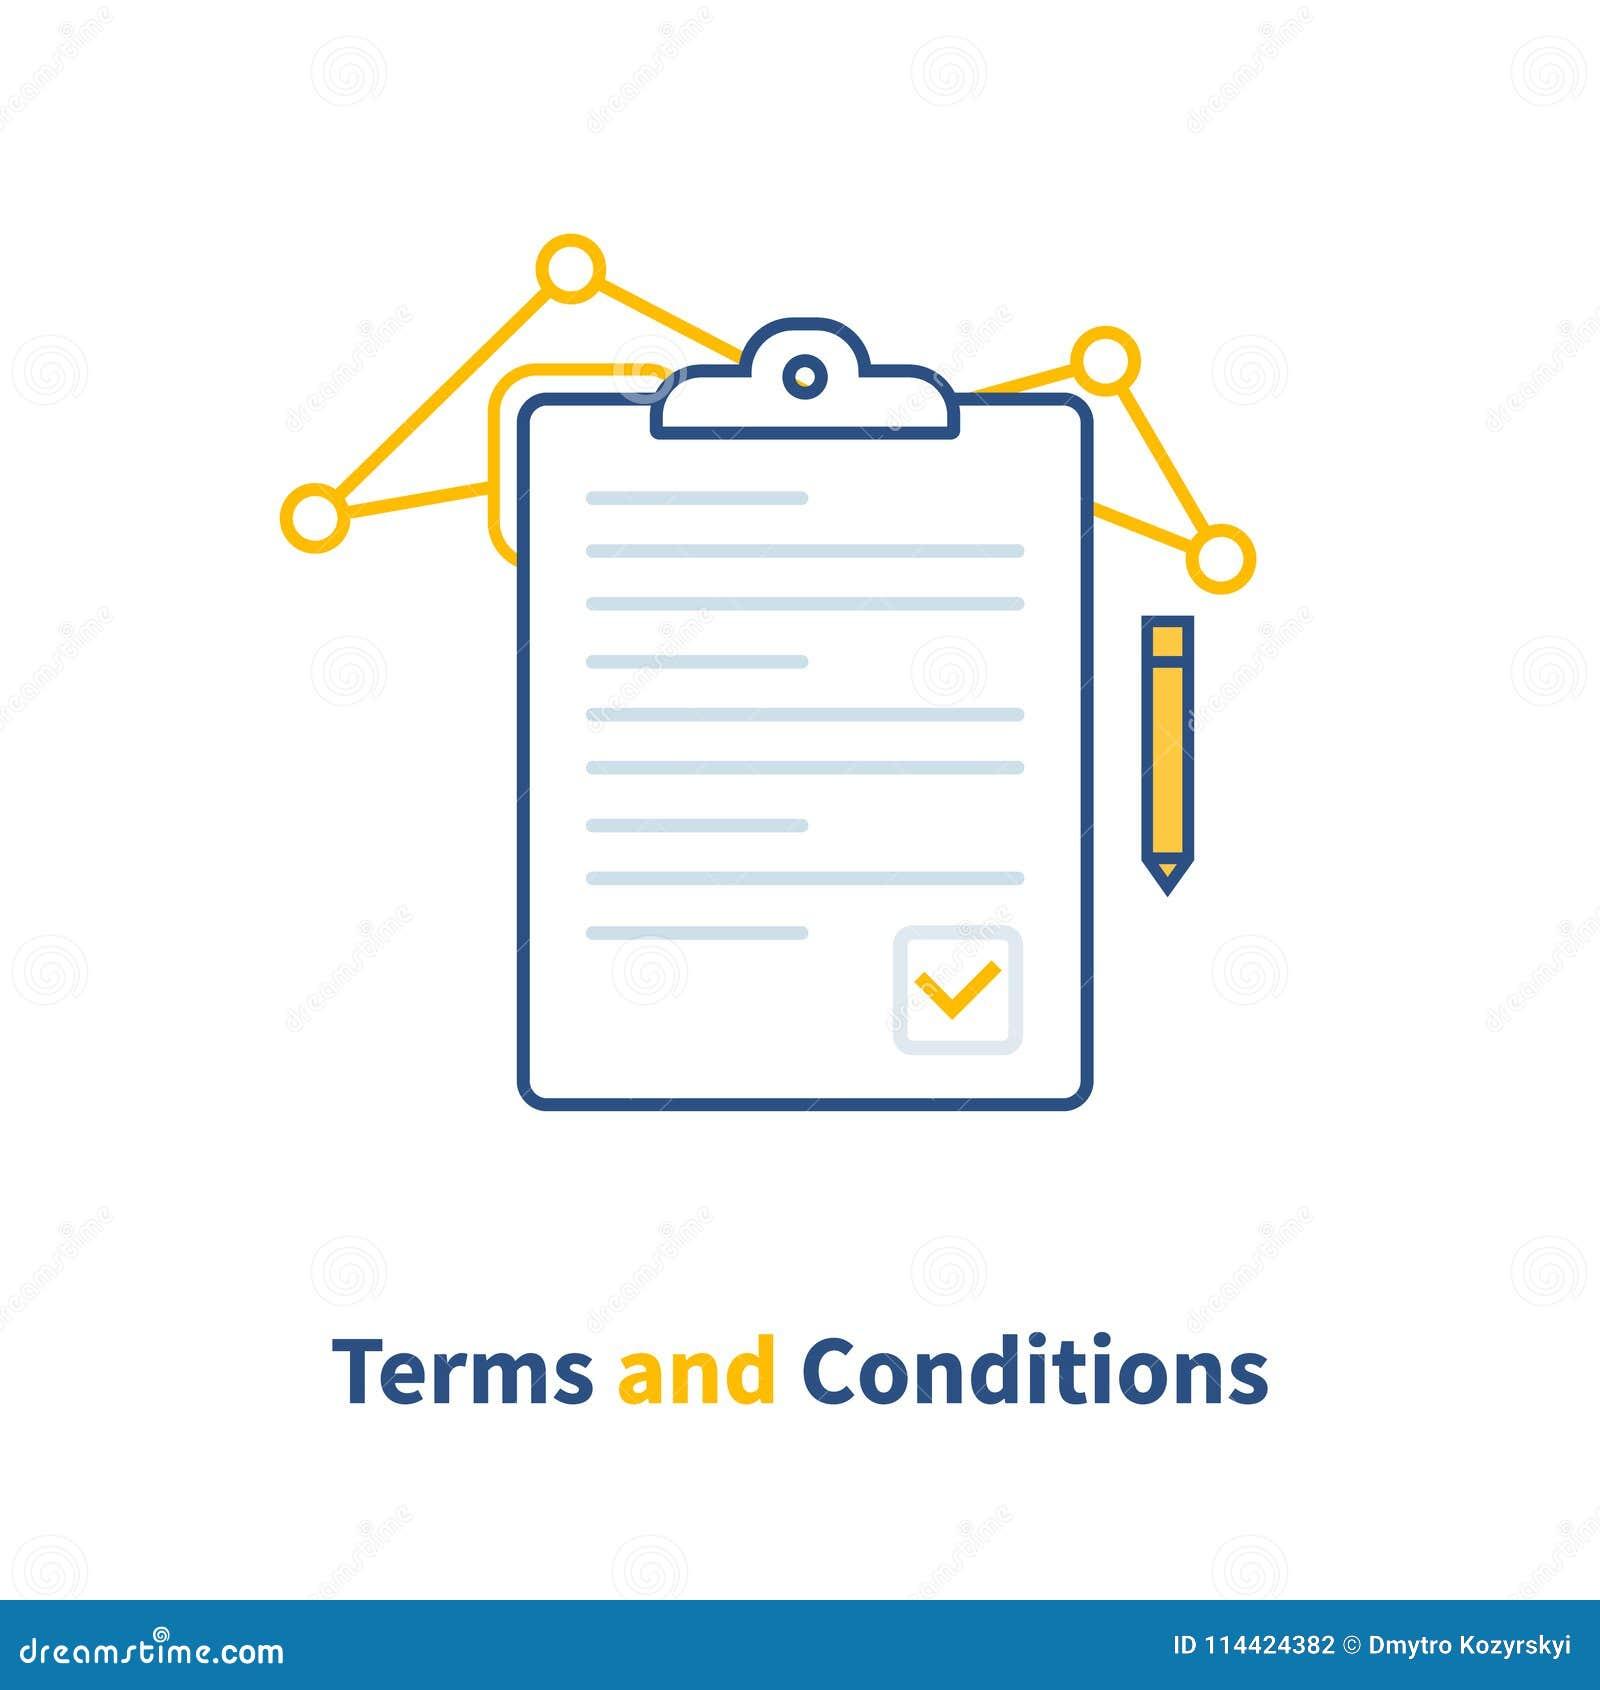 Schließen Sie Vertrag Allgemeinen Geschäftsbedingungen